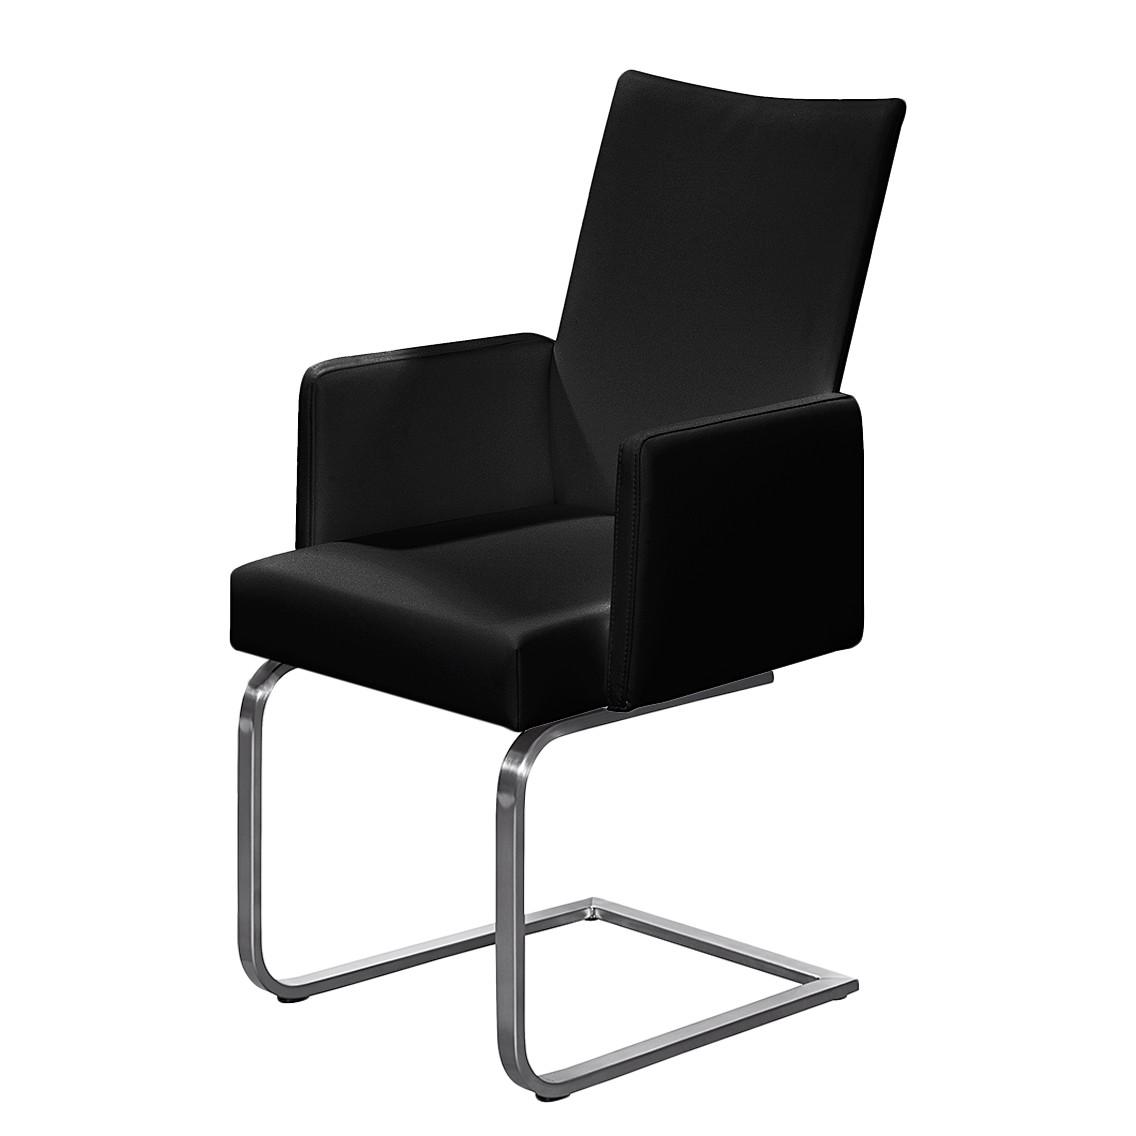 freischwinger leder mit armlehne preisvergleiche. Black Bedroom Furniture Sets. Home Design Ideas